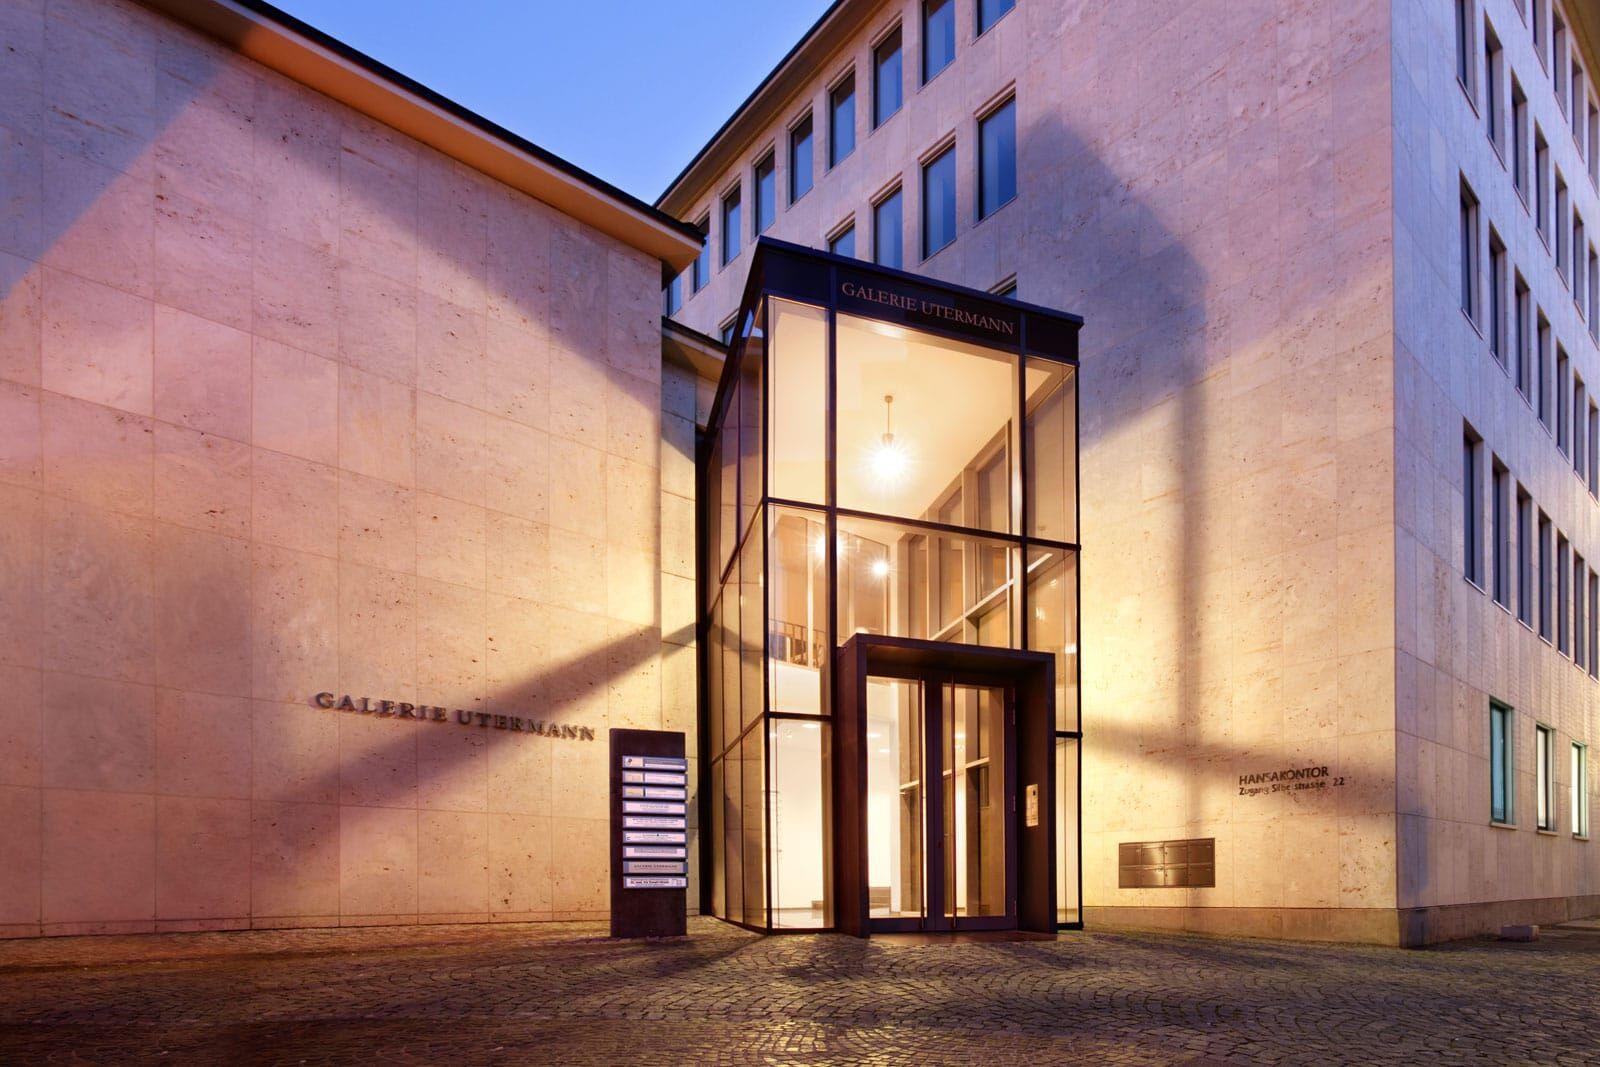 Facharzt* Dermatologie (m/w/d) in Dortmund - Job Dortmund - Jobs